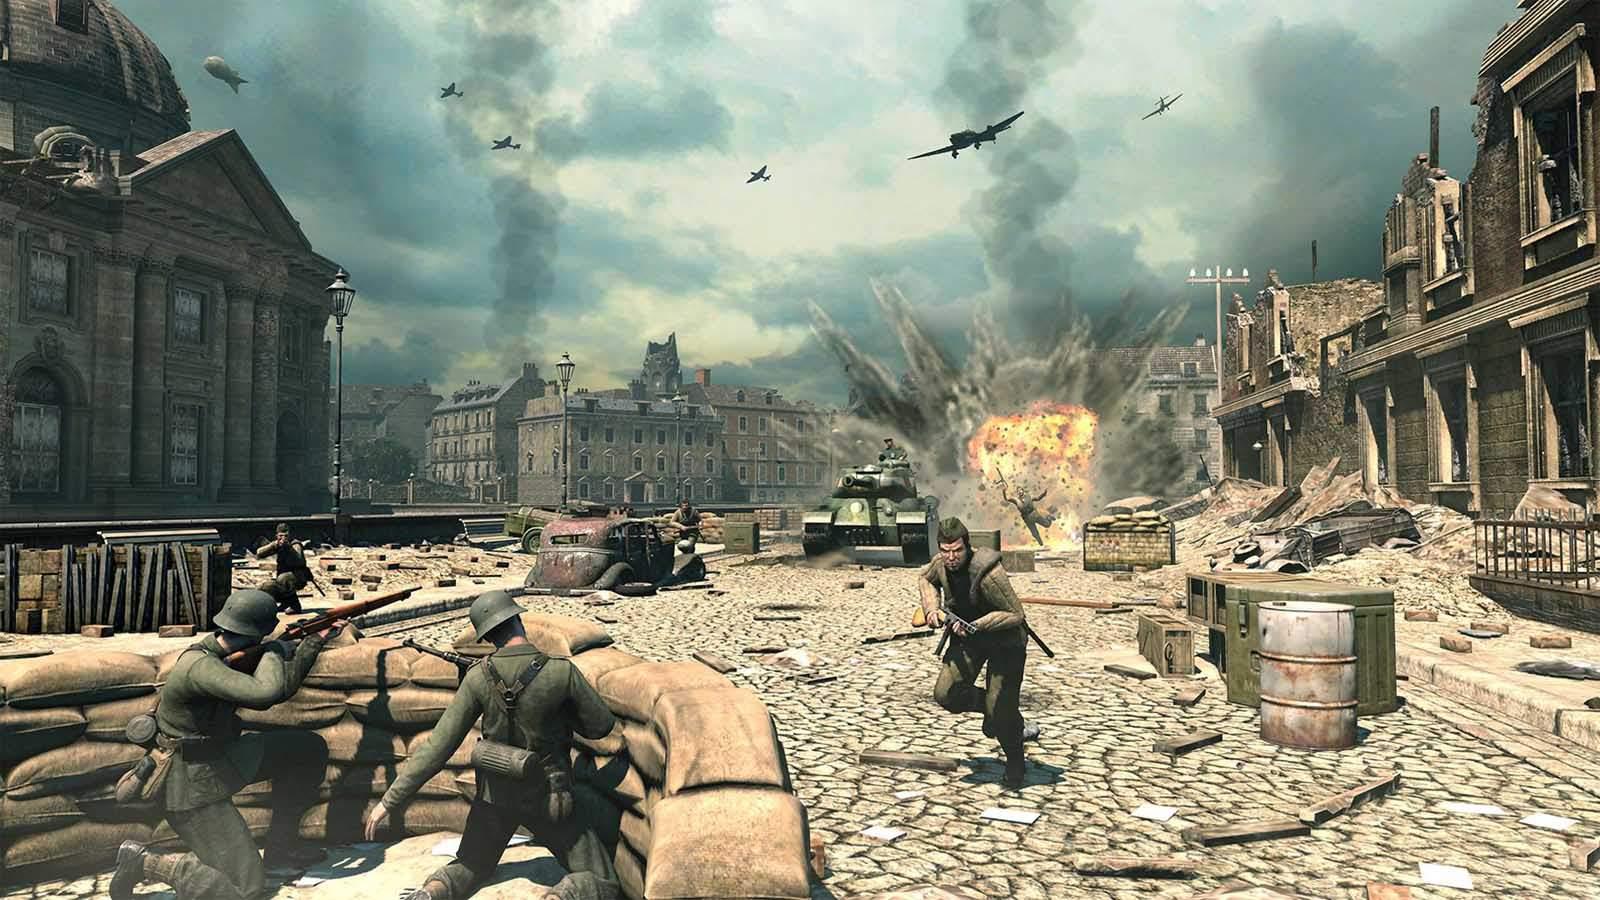 تحميل لعبة Sniper Elite V2 مضغوطة بروابط مباشرة كاملة مجانا